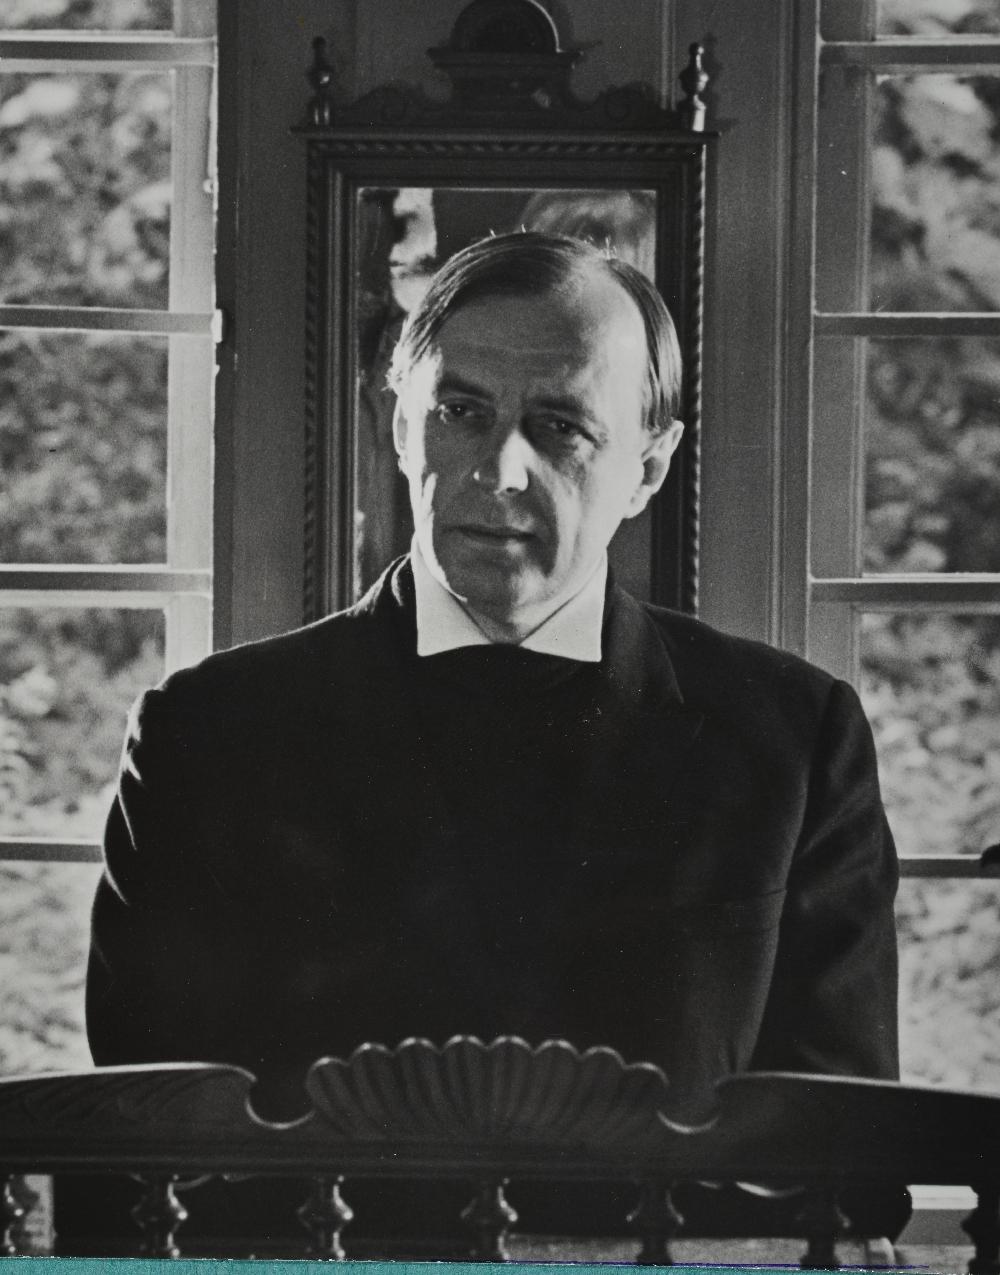 """Aarne Üksküla mängufilmi """"Karge meri"""" proovivõtetel, 1981. Foto: Mikk Raude. RA, EFA.203.A-485-13. efa0203_00a_0000485_00013_ft"""